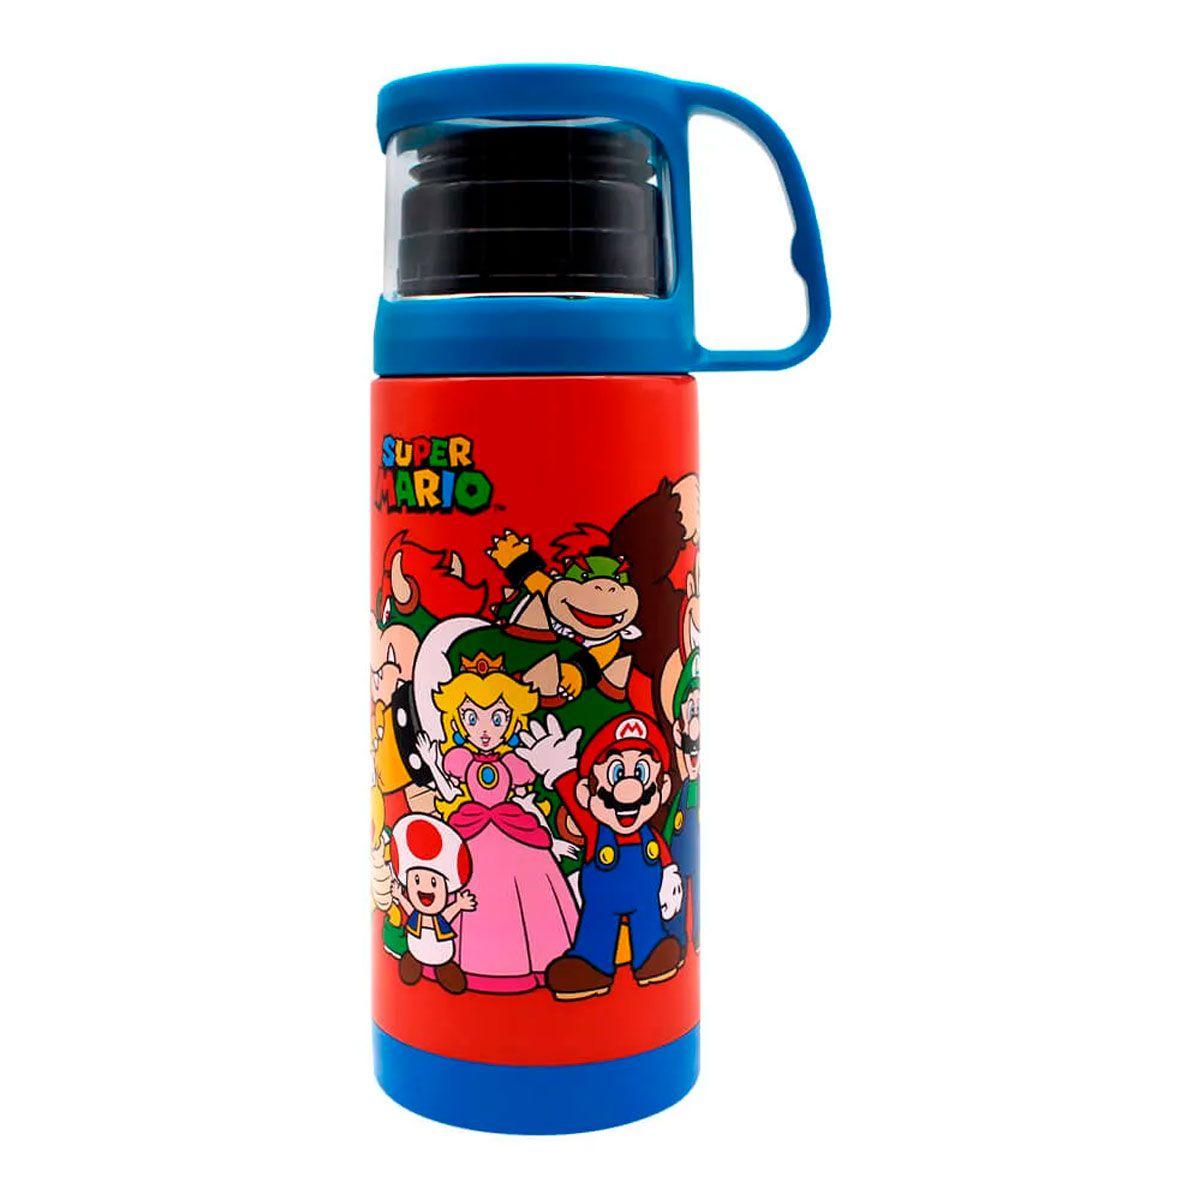 Garrafa Térmica 350 ml com Xícara Super Mario Turma